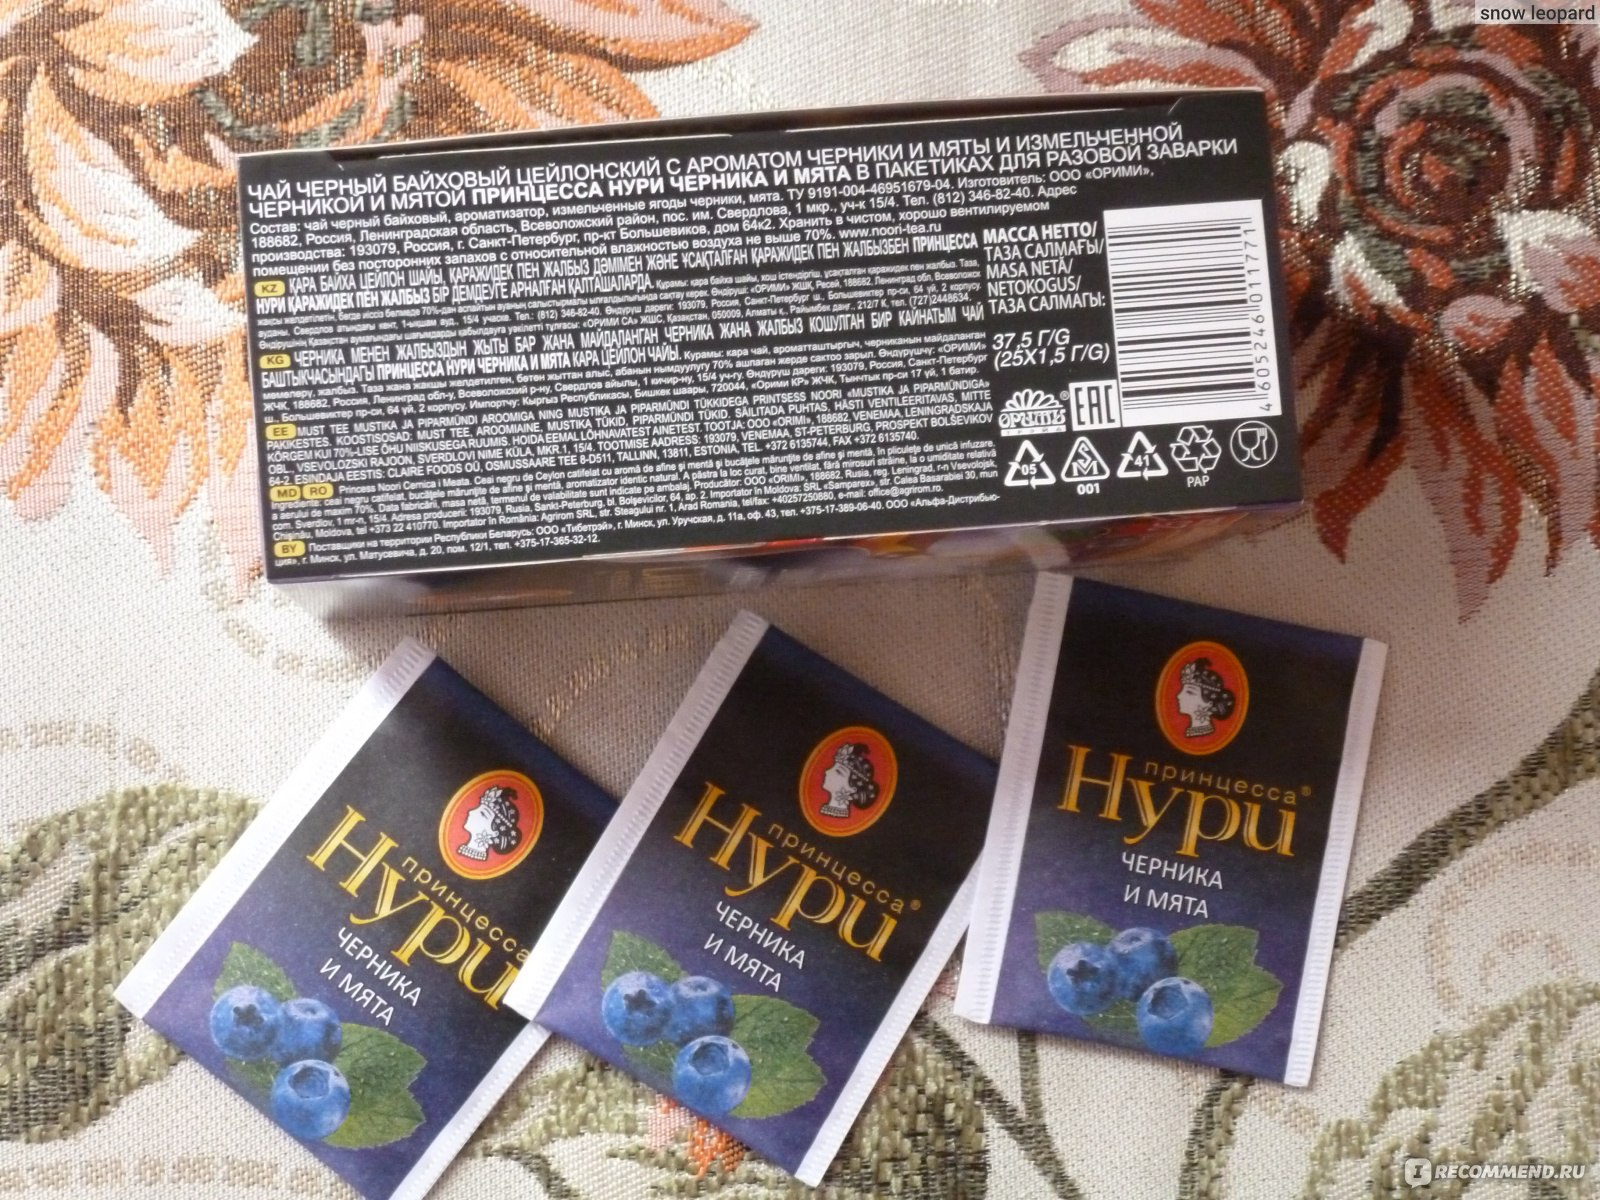 Чай принцесса нури: обзор вида, история создания, сорта и отзывы